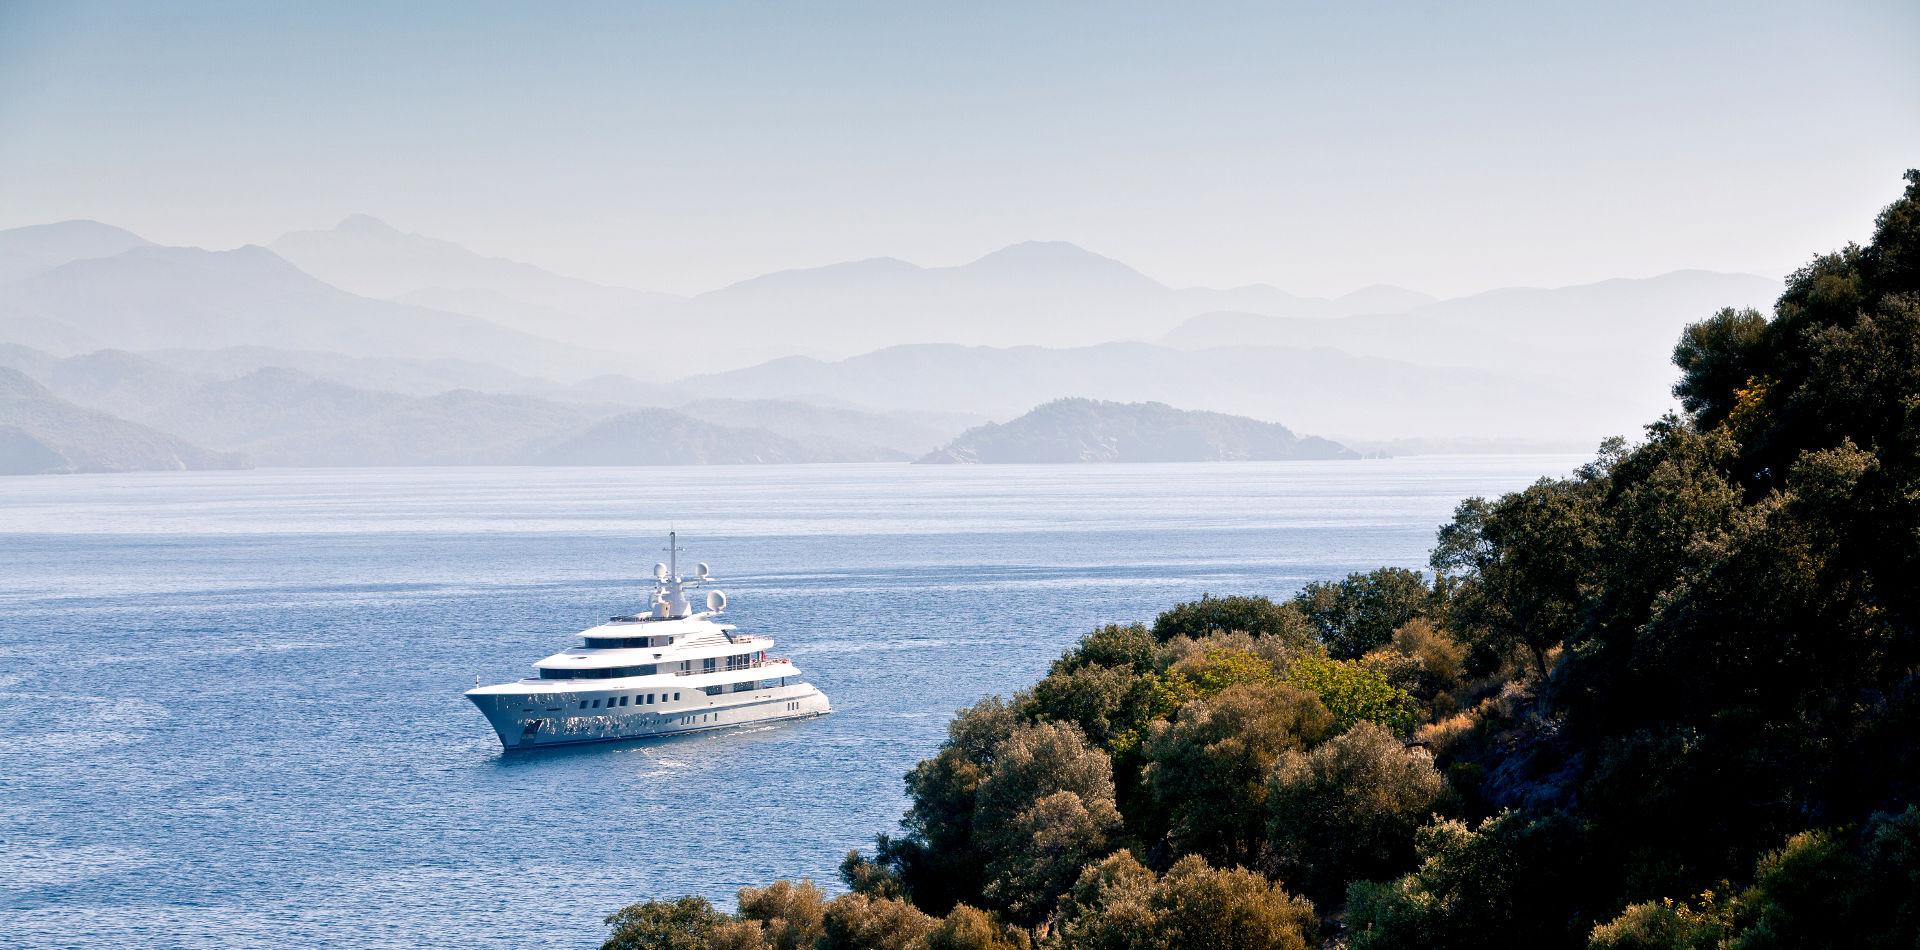 Private Yacht Axioma, Private Yacht chartern, motorisierte Yachten mieten, Luxusurlaub auf Yacht